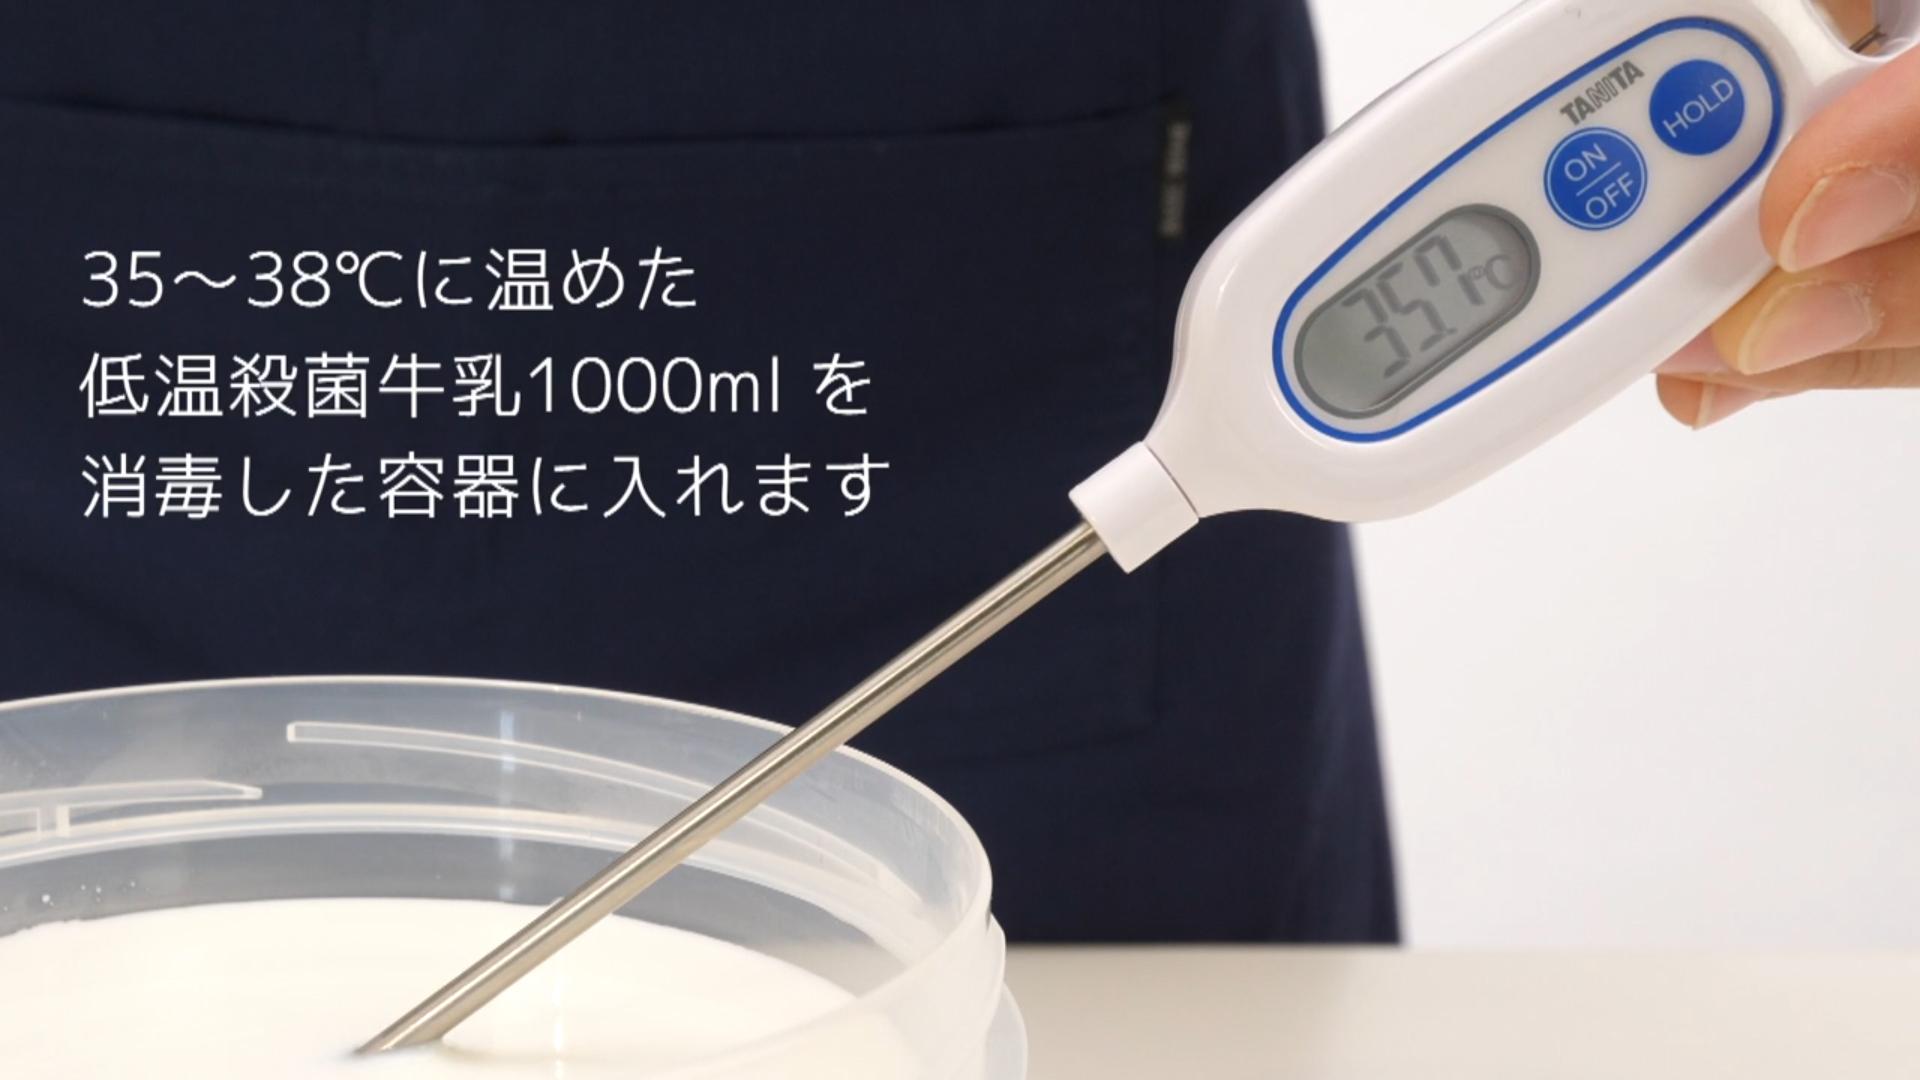 分量の牛乳を電子レンジか鍋で温めます。温度計を使って35℃~ 38℃にします。